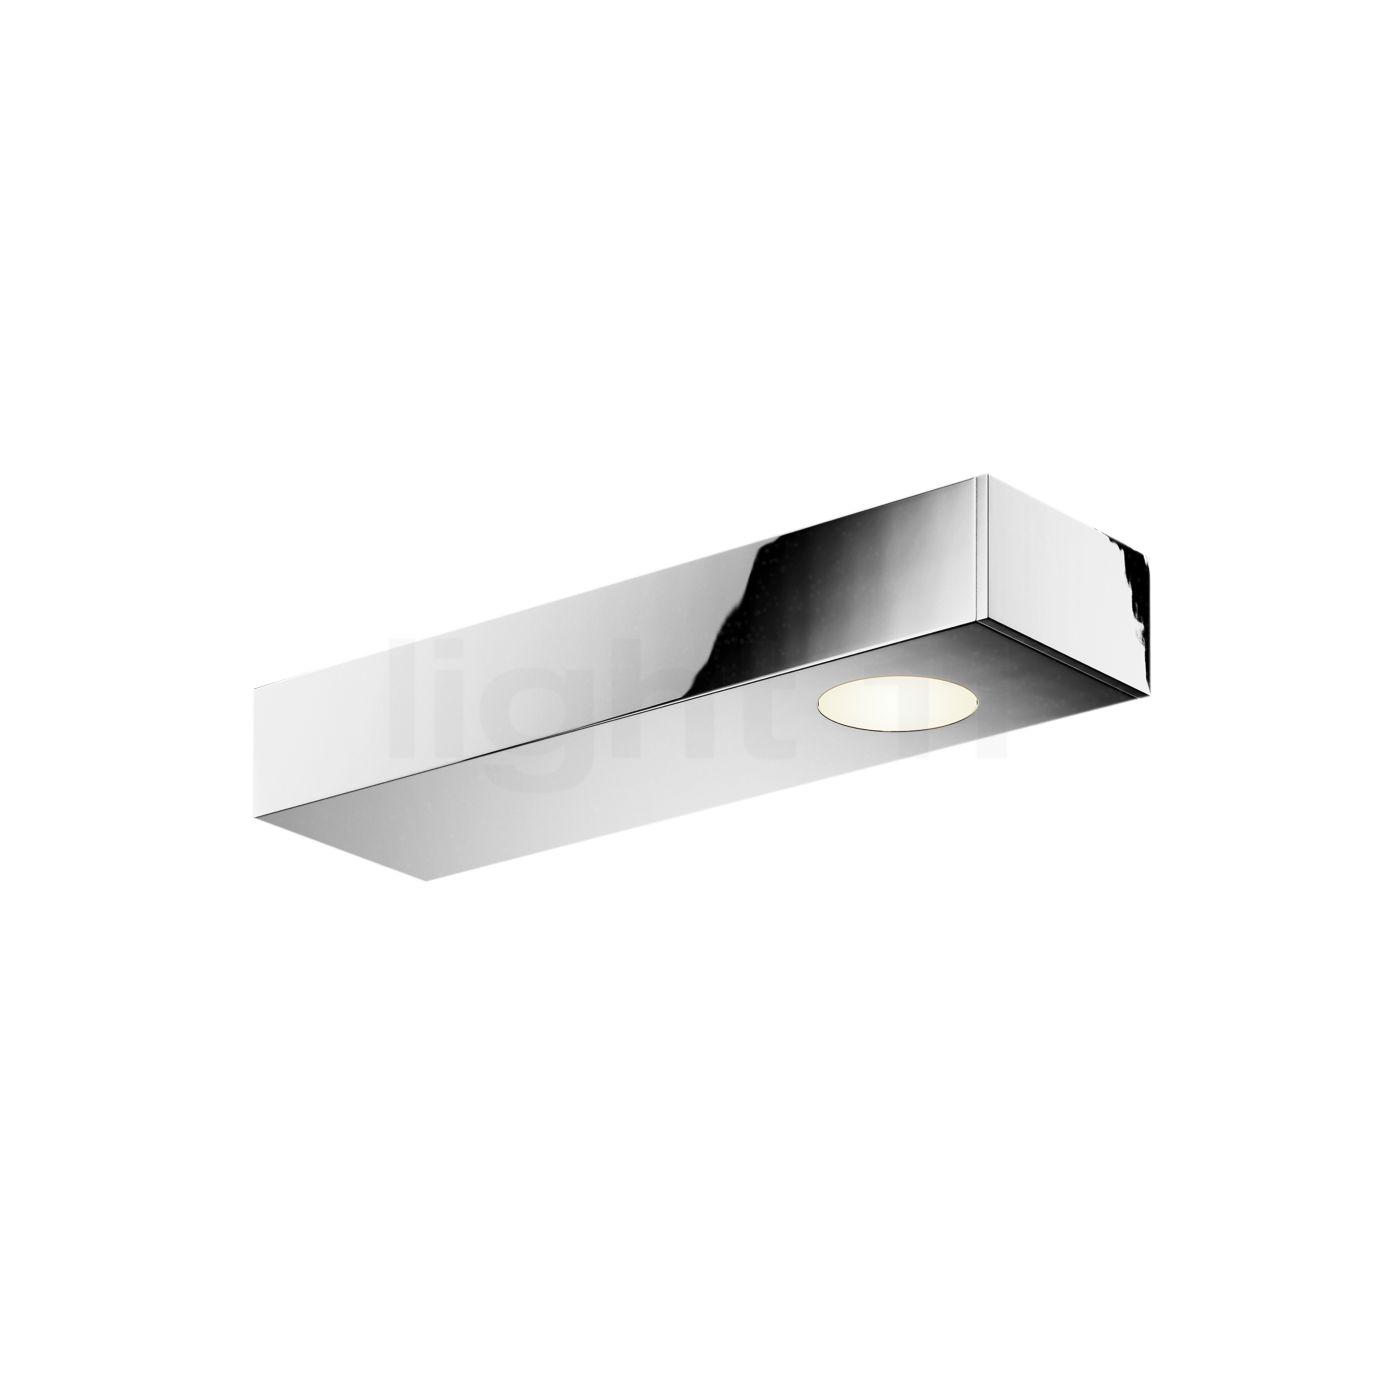 De 1 Non À Walther Lampe Decor Flat Encastrée Applique Miroir BxeCordW